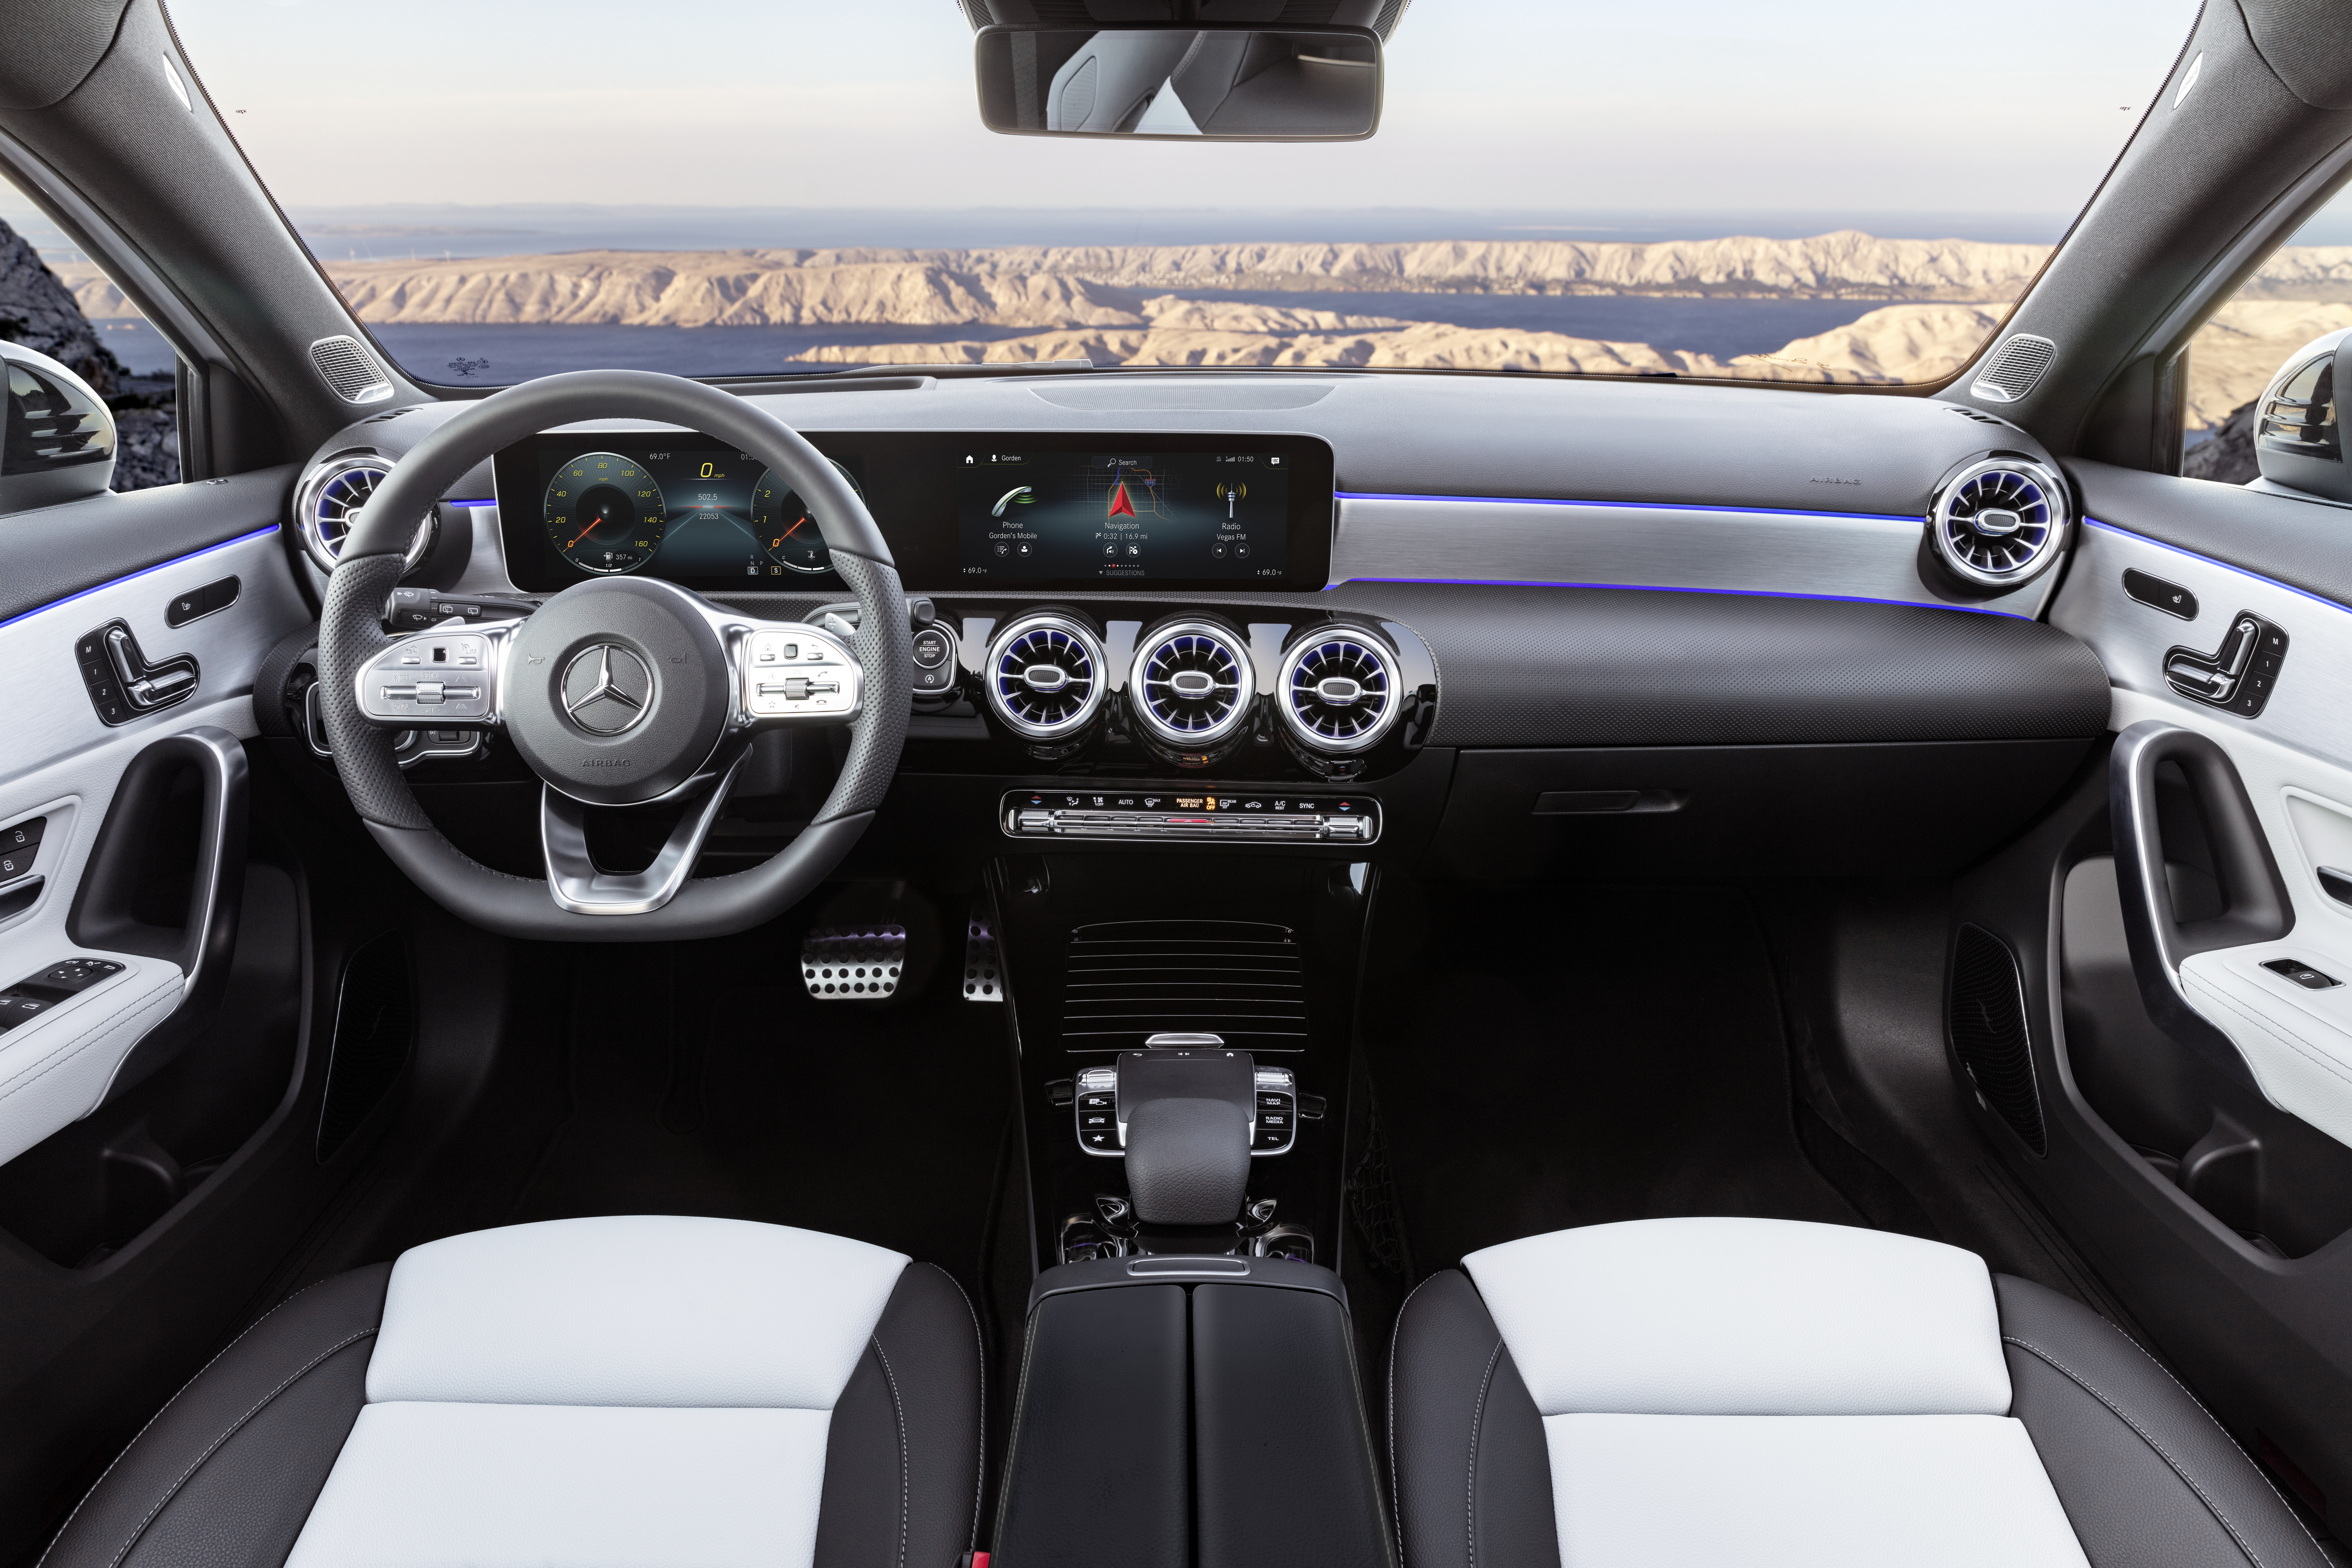 Ανετο και υπερσύγχρονο κόκπιτ της Mercedes A-160